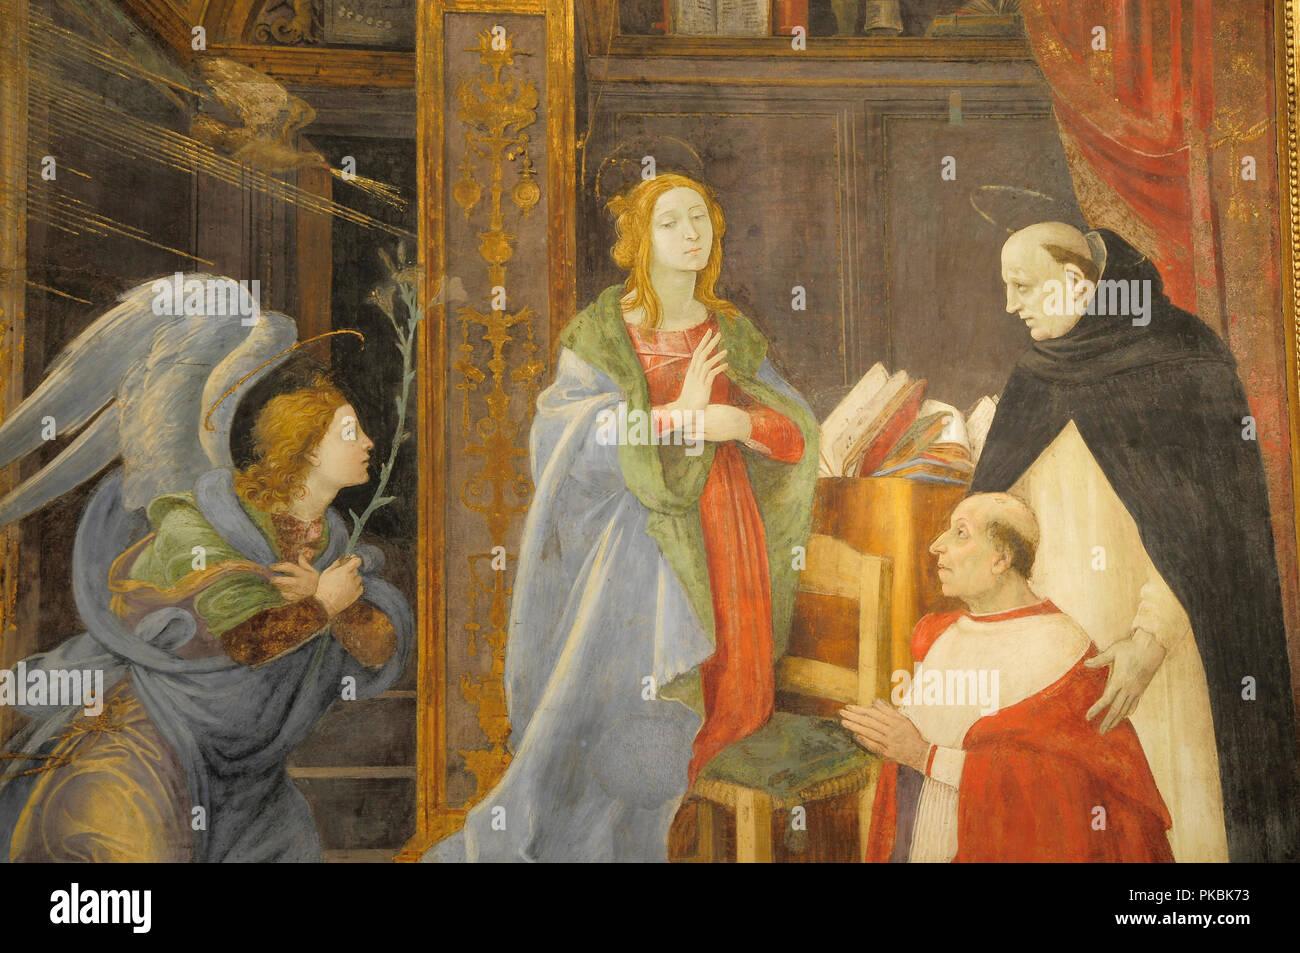 Italy, Lazio, Rome, Centro Storico, church of Santa Maria Sopra Minerva, Filippino Lippi's fresco of the Assumption of the Virgin in the Capella Carafa. Stock Photo